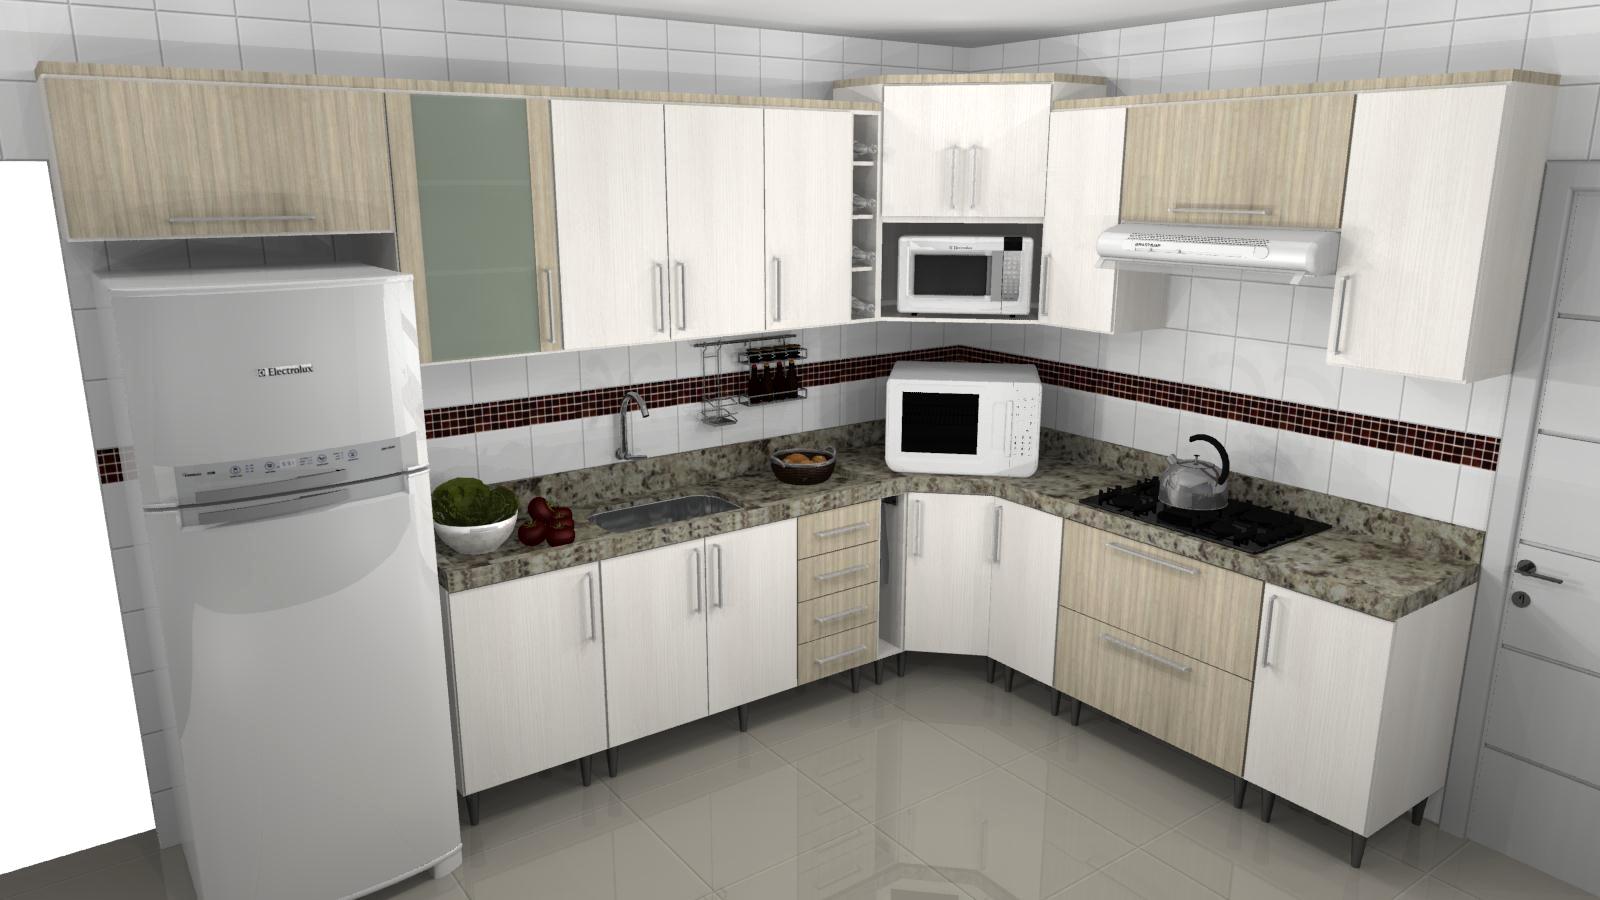 Móveis planejados RJ (21) 3701 8700 zap 96592 9241: Cozinha #756B56 1600x900